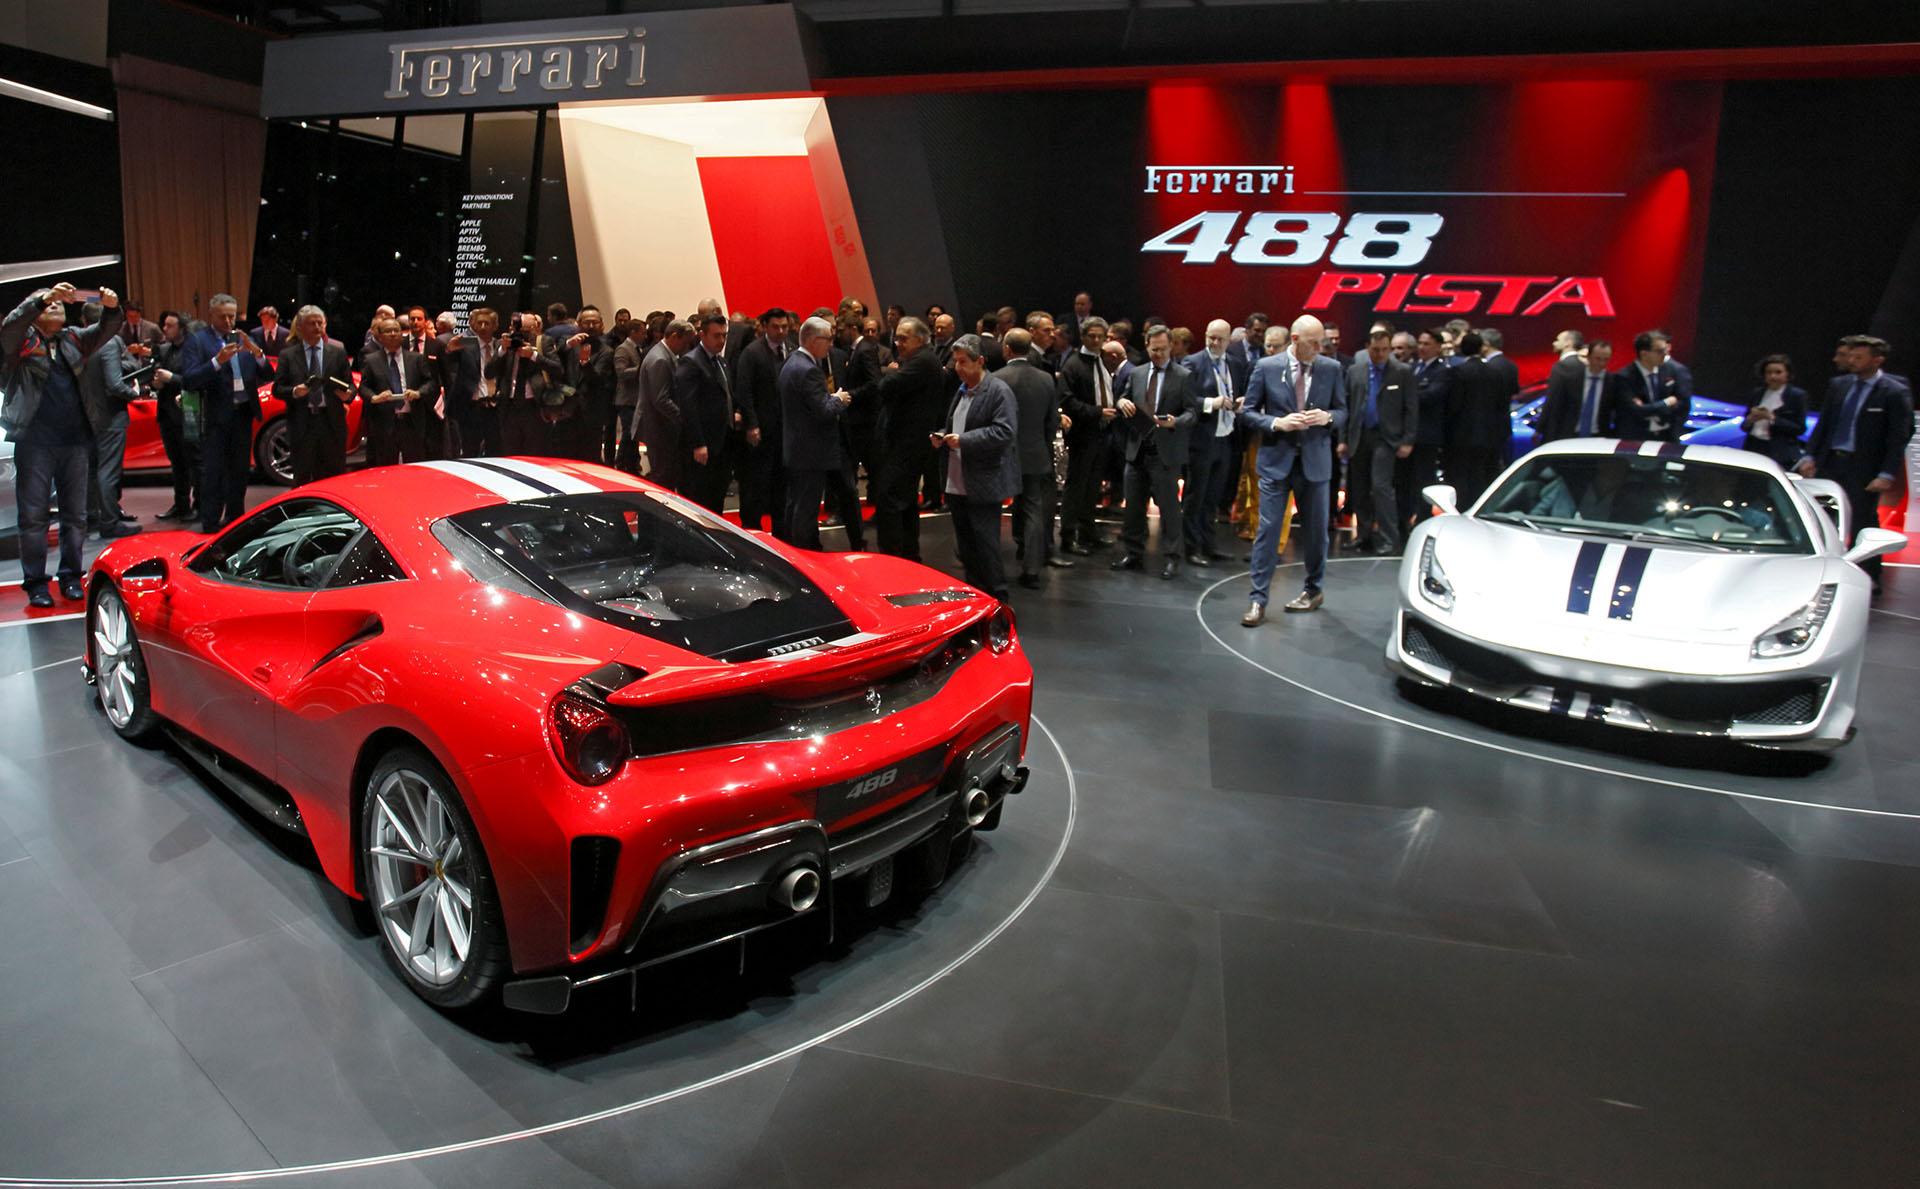 Se presume que las primeras entregas a compradores europeos del 488 Pista sucedan a fines de año. Pero desde la Argentina, el Gruppo Modena -el importador de Ferrari y Maserati- ya recibió dos pedidos de compra del nuevo modelo fabricado en la planta de Maranello, que llegarán recién en 2019